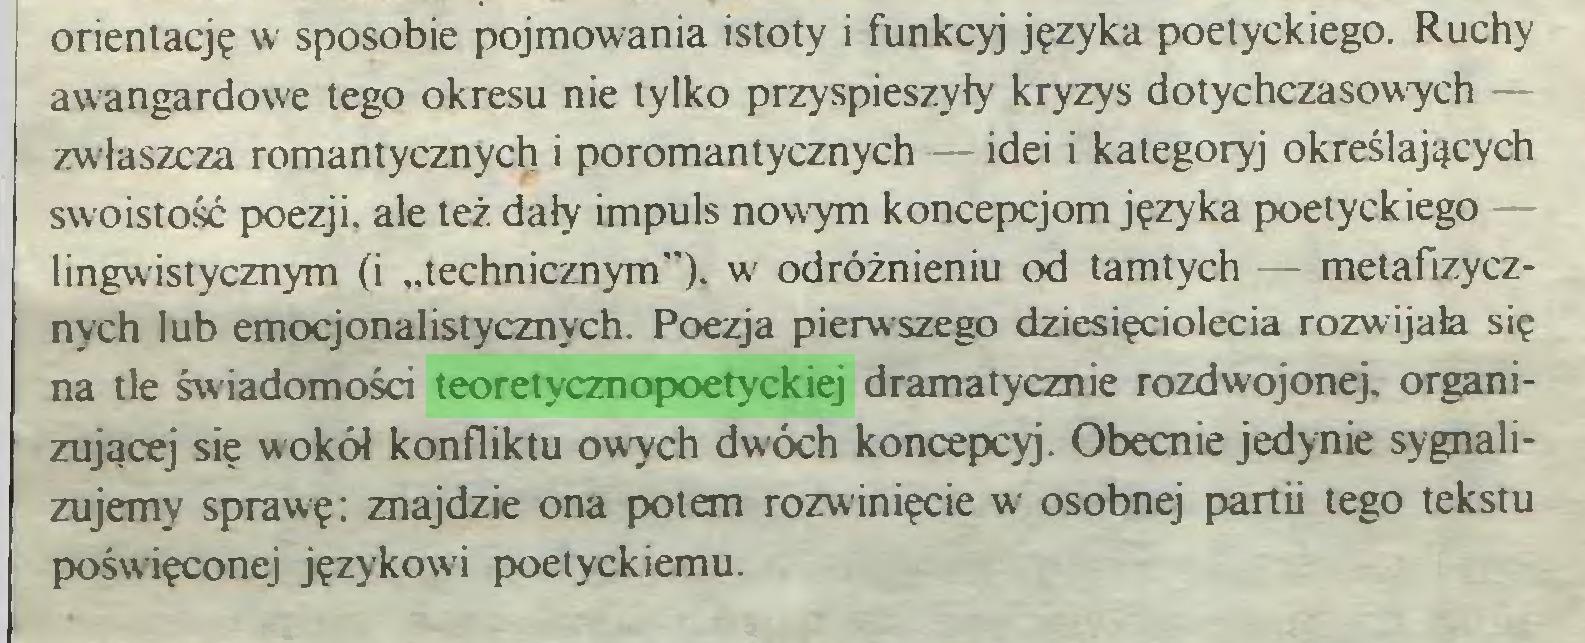 """(...) orientację w sposobie pojmowania istoty i funkcyj języka poetyckiego. Ruchy awangardowe tego okresu nie tylko przyspieszyły kryzys dotychczasowych — zwłaszcza romantycznych i poromantycznych — idei i kategoryj określających swoistość poezji, ale też dały impuls nowym koncepcjom języka poetyckiego lingwistycznym (i """"technicznym""""), w odróżnieniu od tamtych - metafizycznych lub emocjonalistycznych. Poezja pierwszego dziesięciolecia rozwijała się na tle świadomości teoretycznopoetyckiej dramatycznie rozdwojonej, organizującej się w'okół konfliktu owych dwóch koncepcyj. Obecnie jedynie sygnalizujemy sprawę: znajdzie ona potem rozwinięcie w osobnej partii tego tekstu poświęconej językowi poetyckiemu..."""